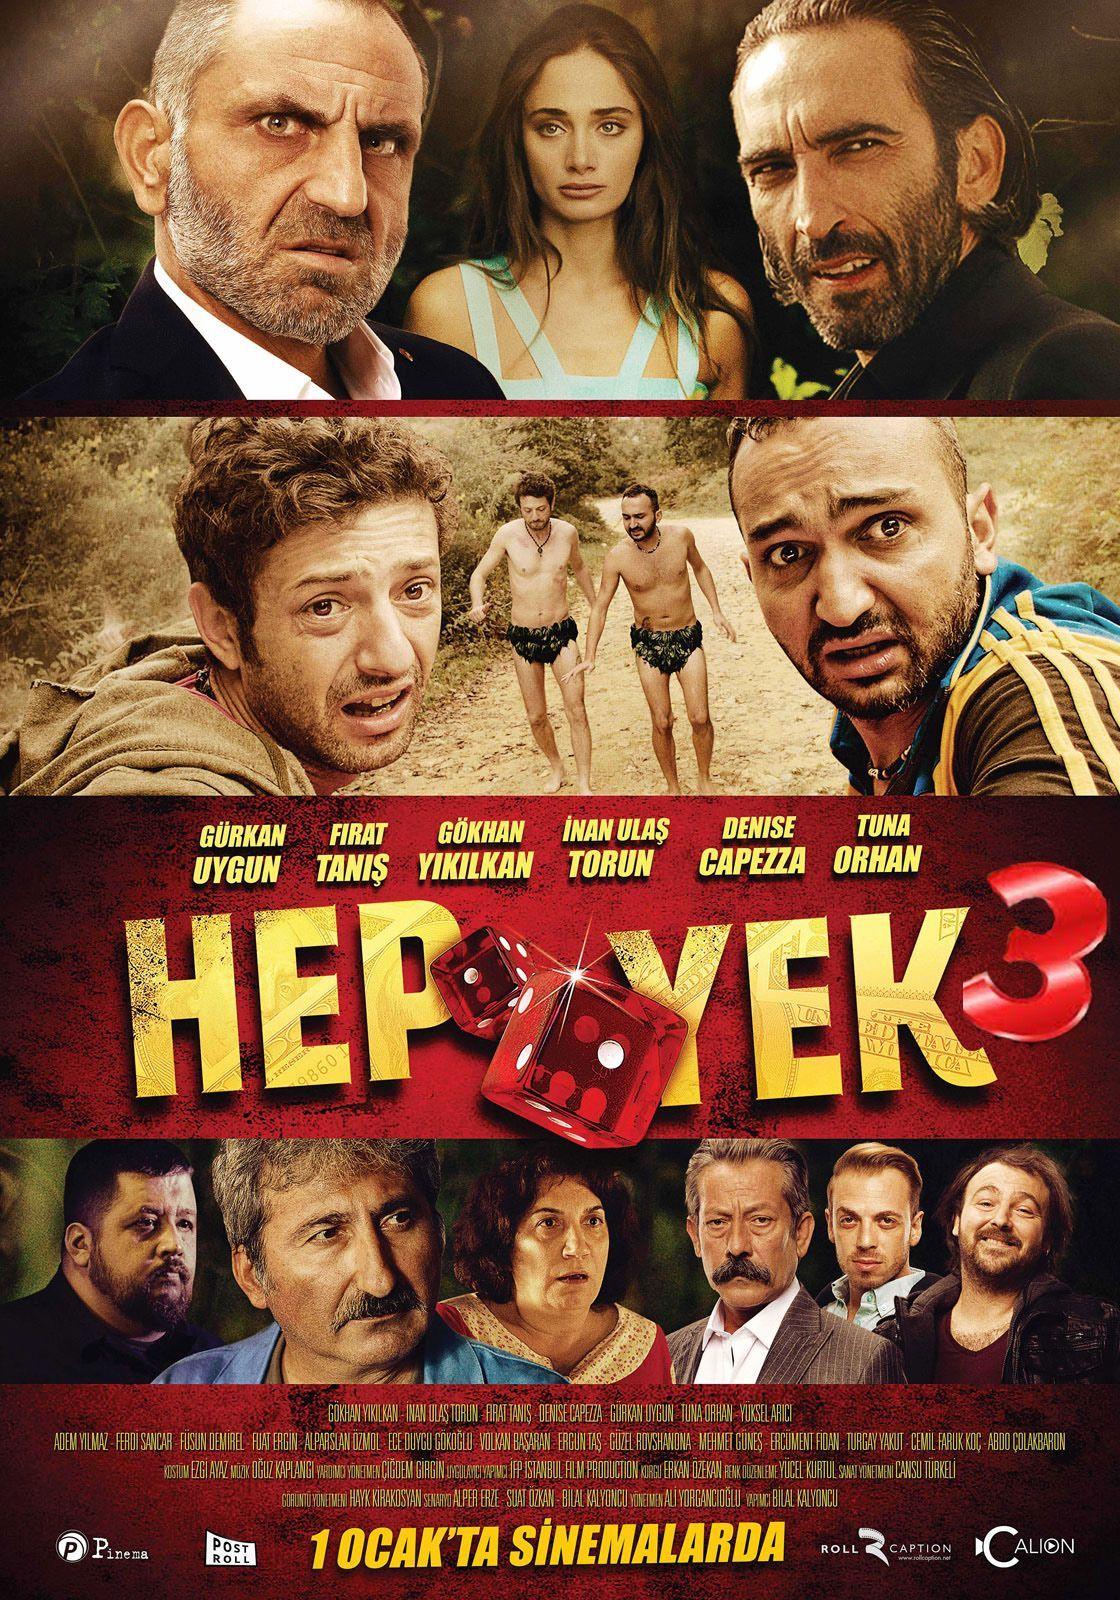 Hep Yek 3 Full Hd Izle Film Popcom Hep Yek 3 Sansürsüz Izle Hep Yek